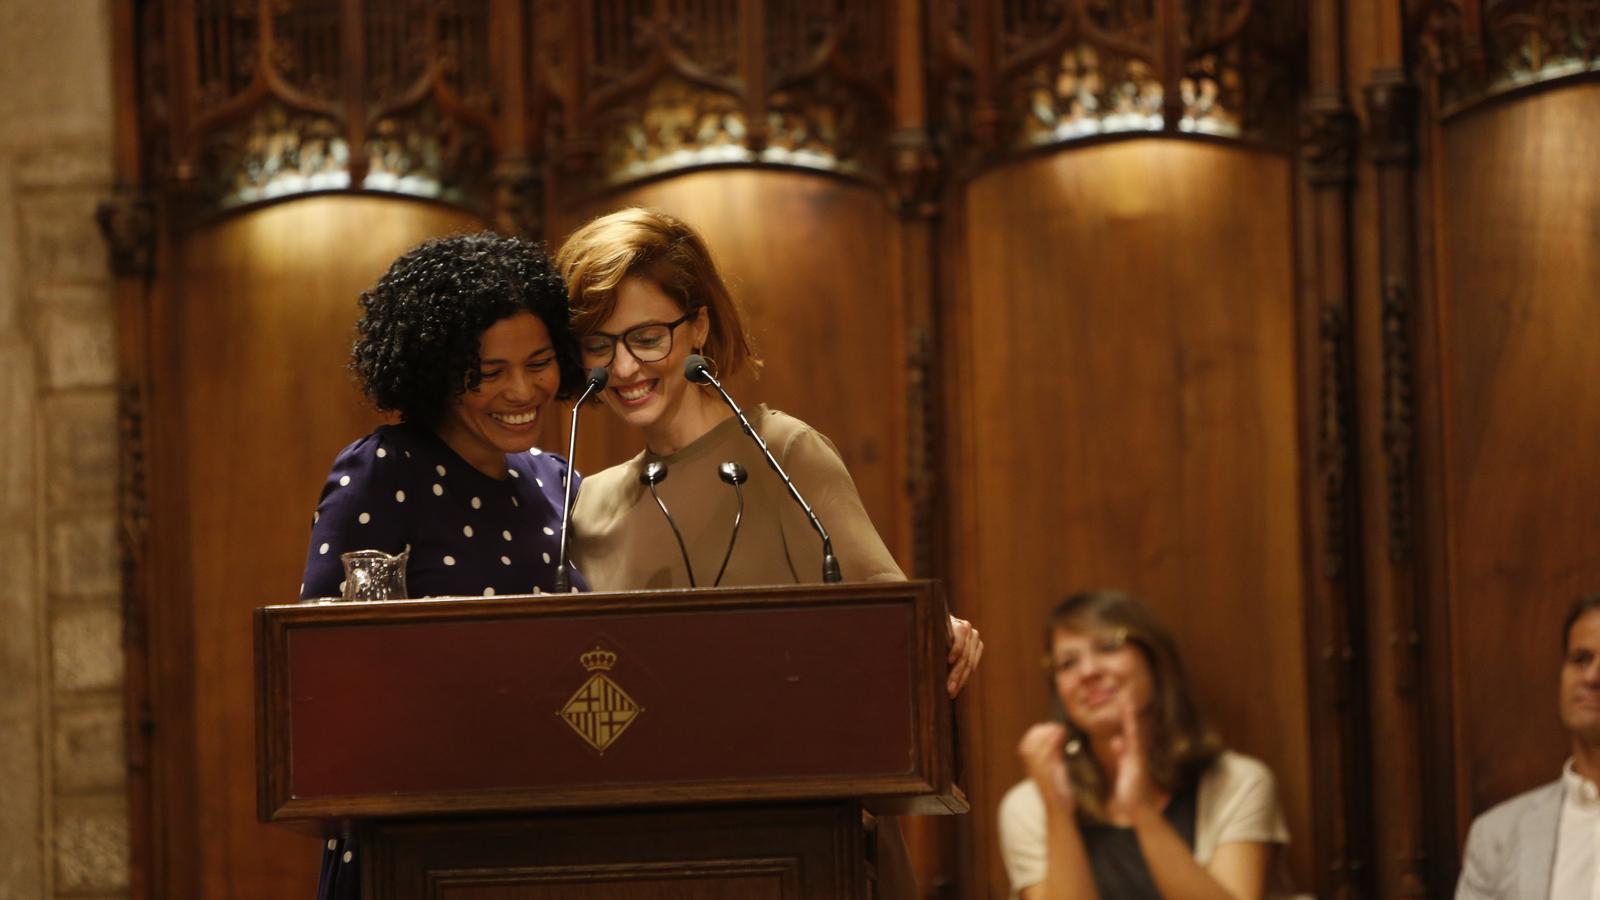 Carmen Juárez, a l'esquerra de la imatge, amb Leticia Dolera durant la lectura del pregó, primer acte de la Mercè 2018